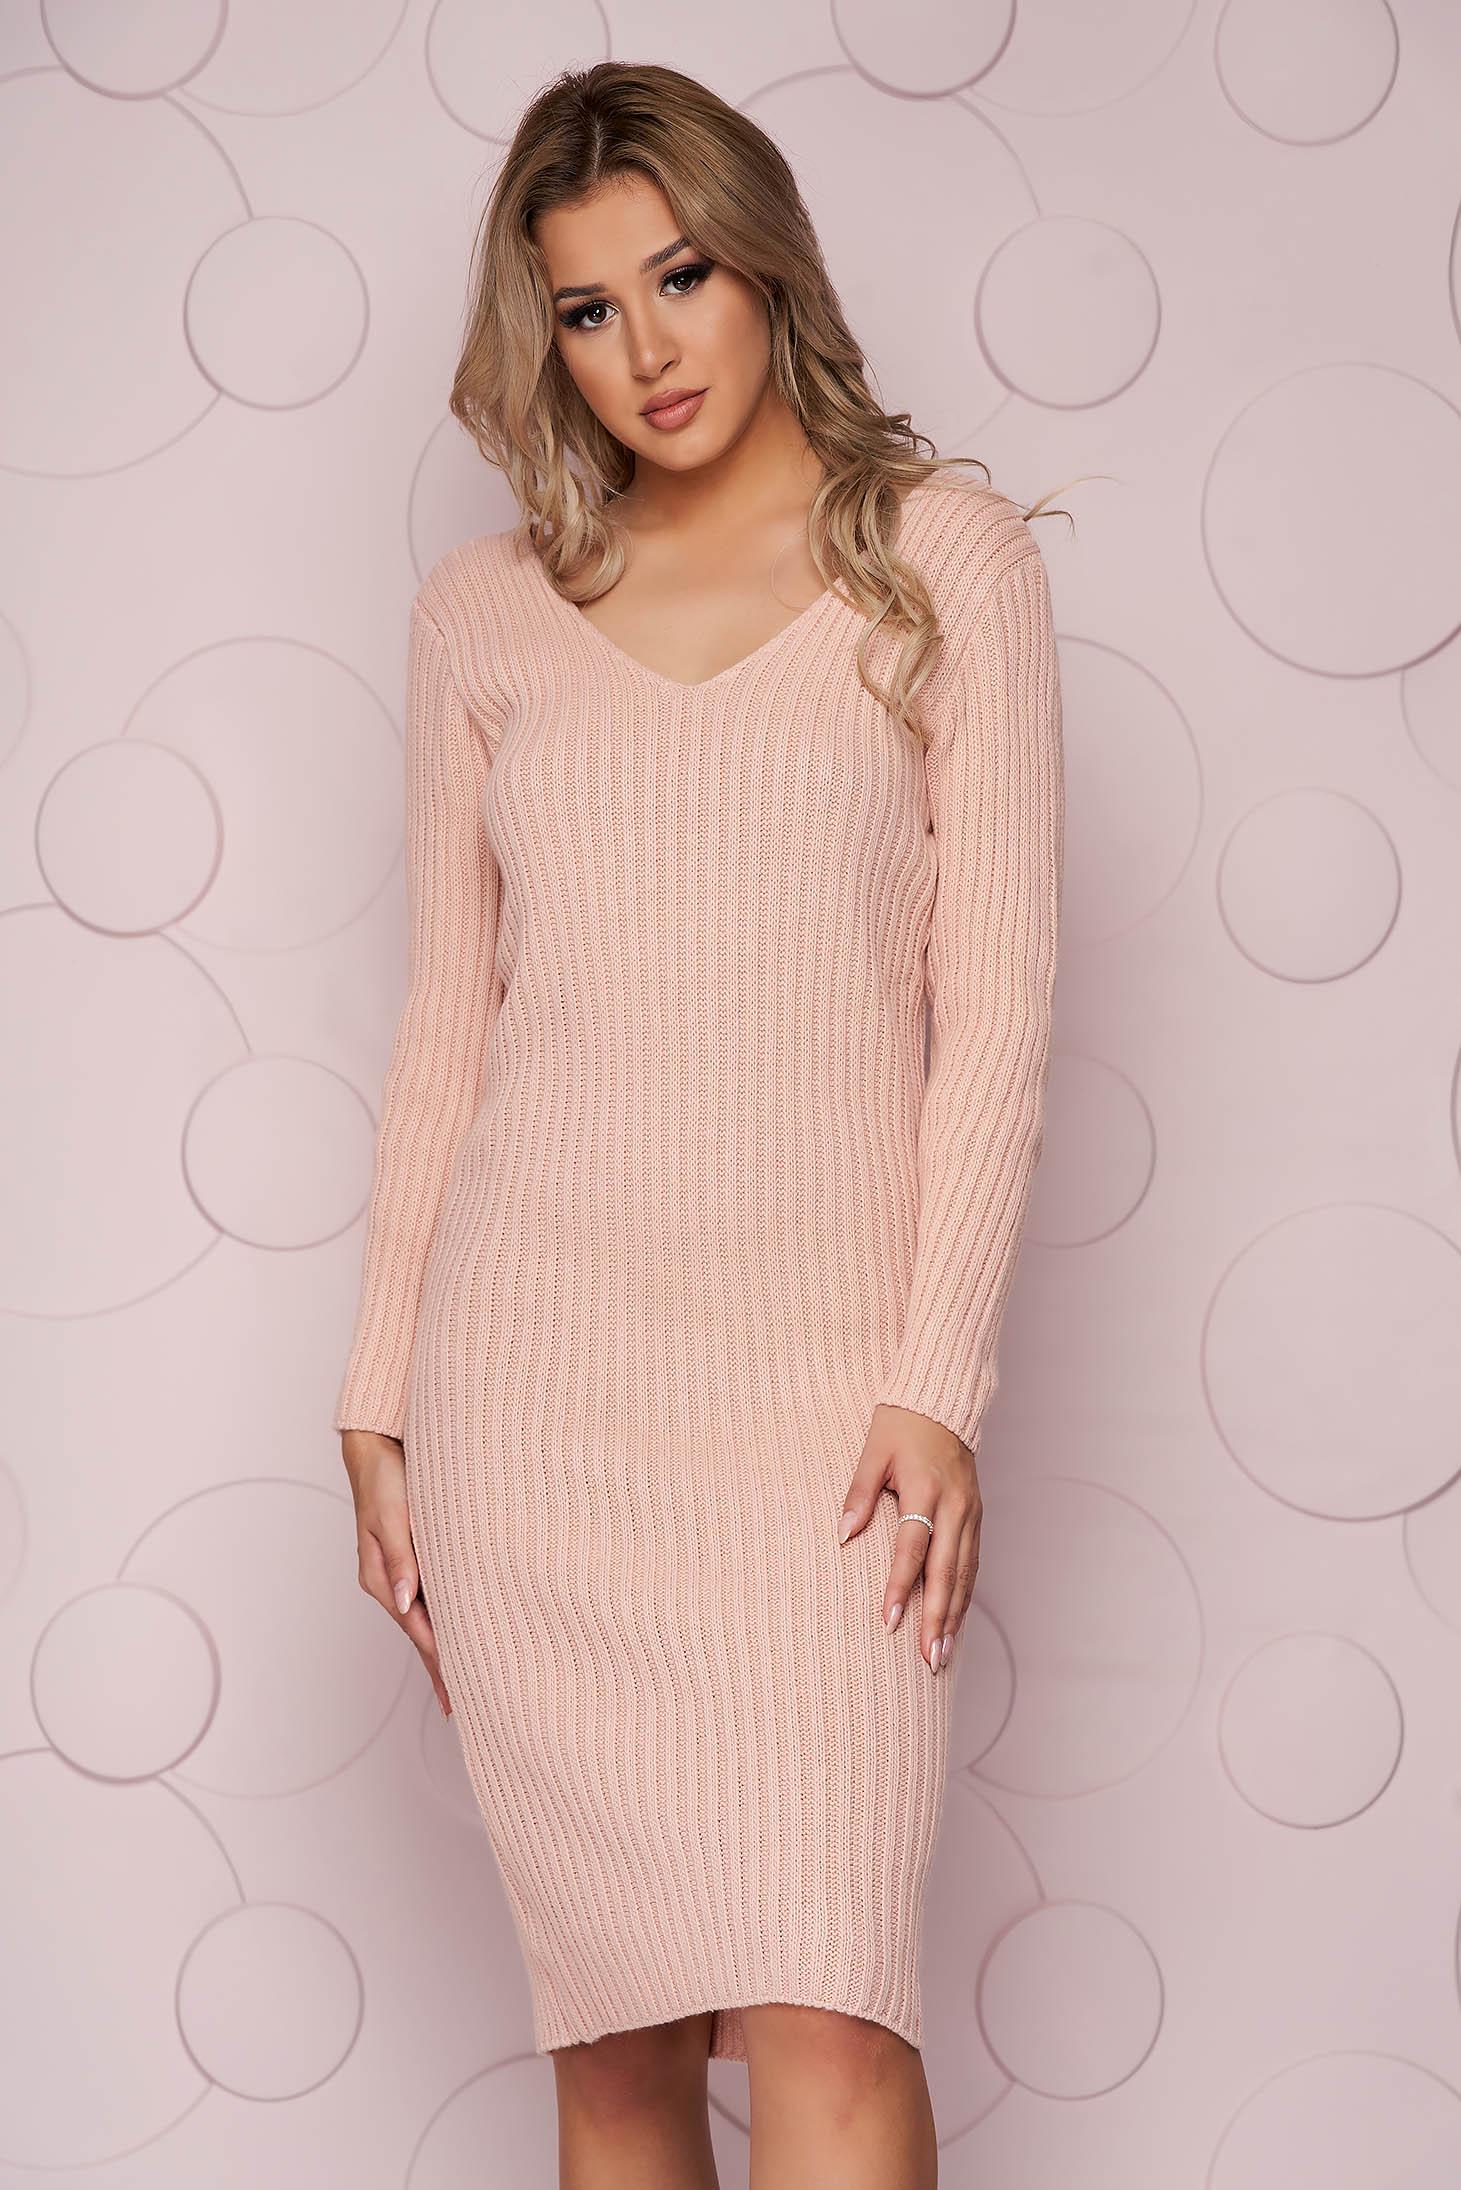 Rochie SunShine roz prafuit midi cu un croi drept din material tricotat reiat si elastic cu decolteu in v